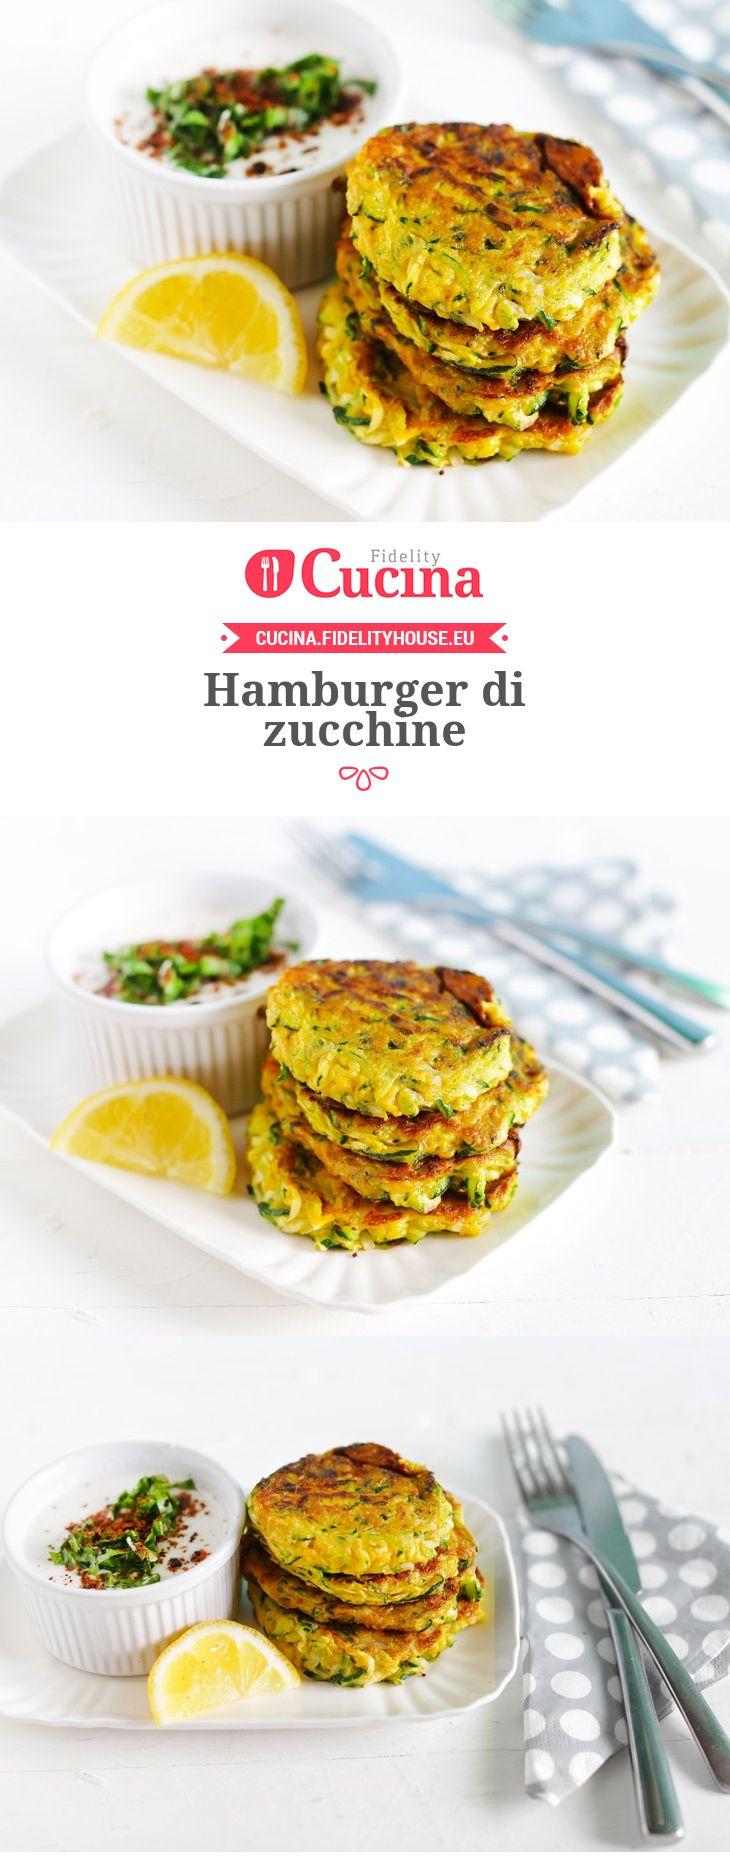 Hamburger di zucchine